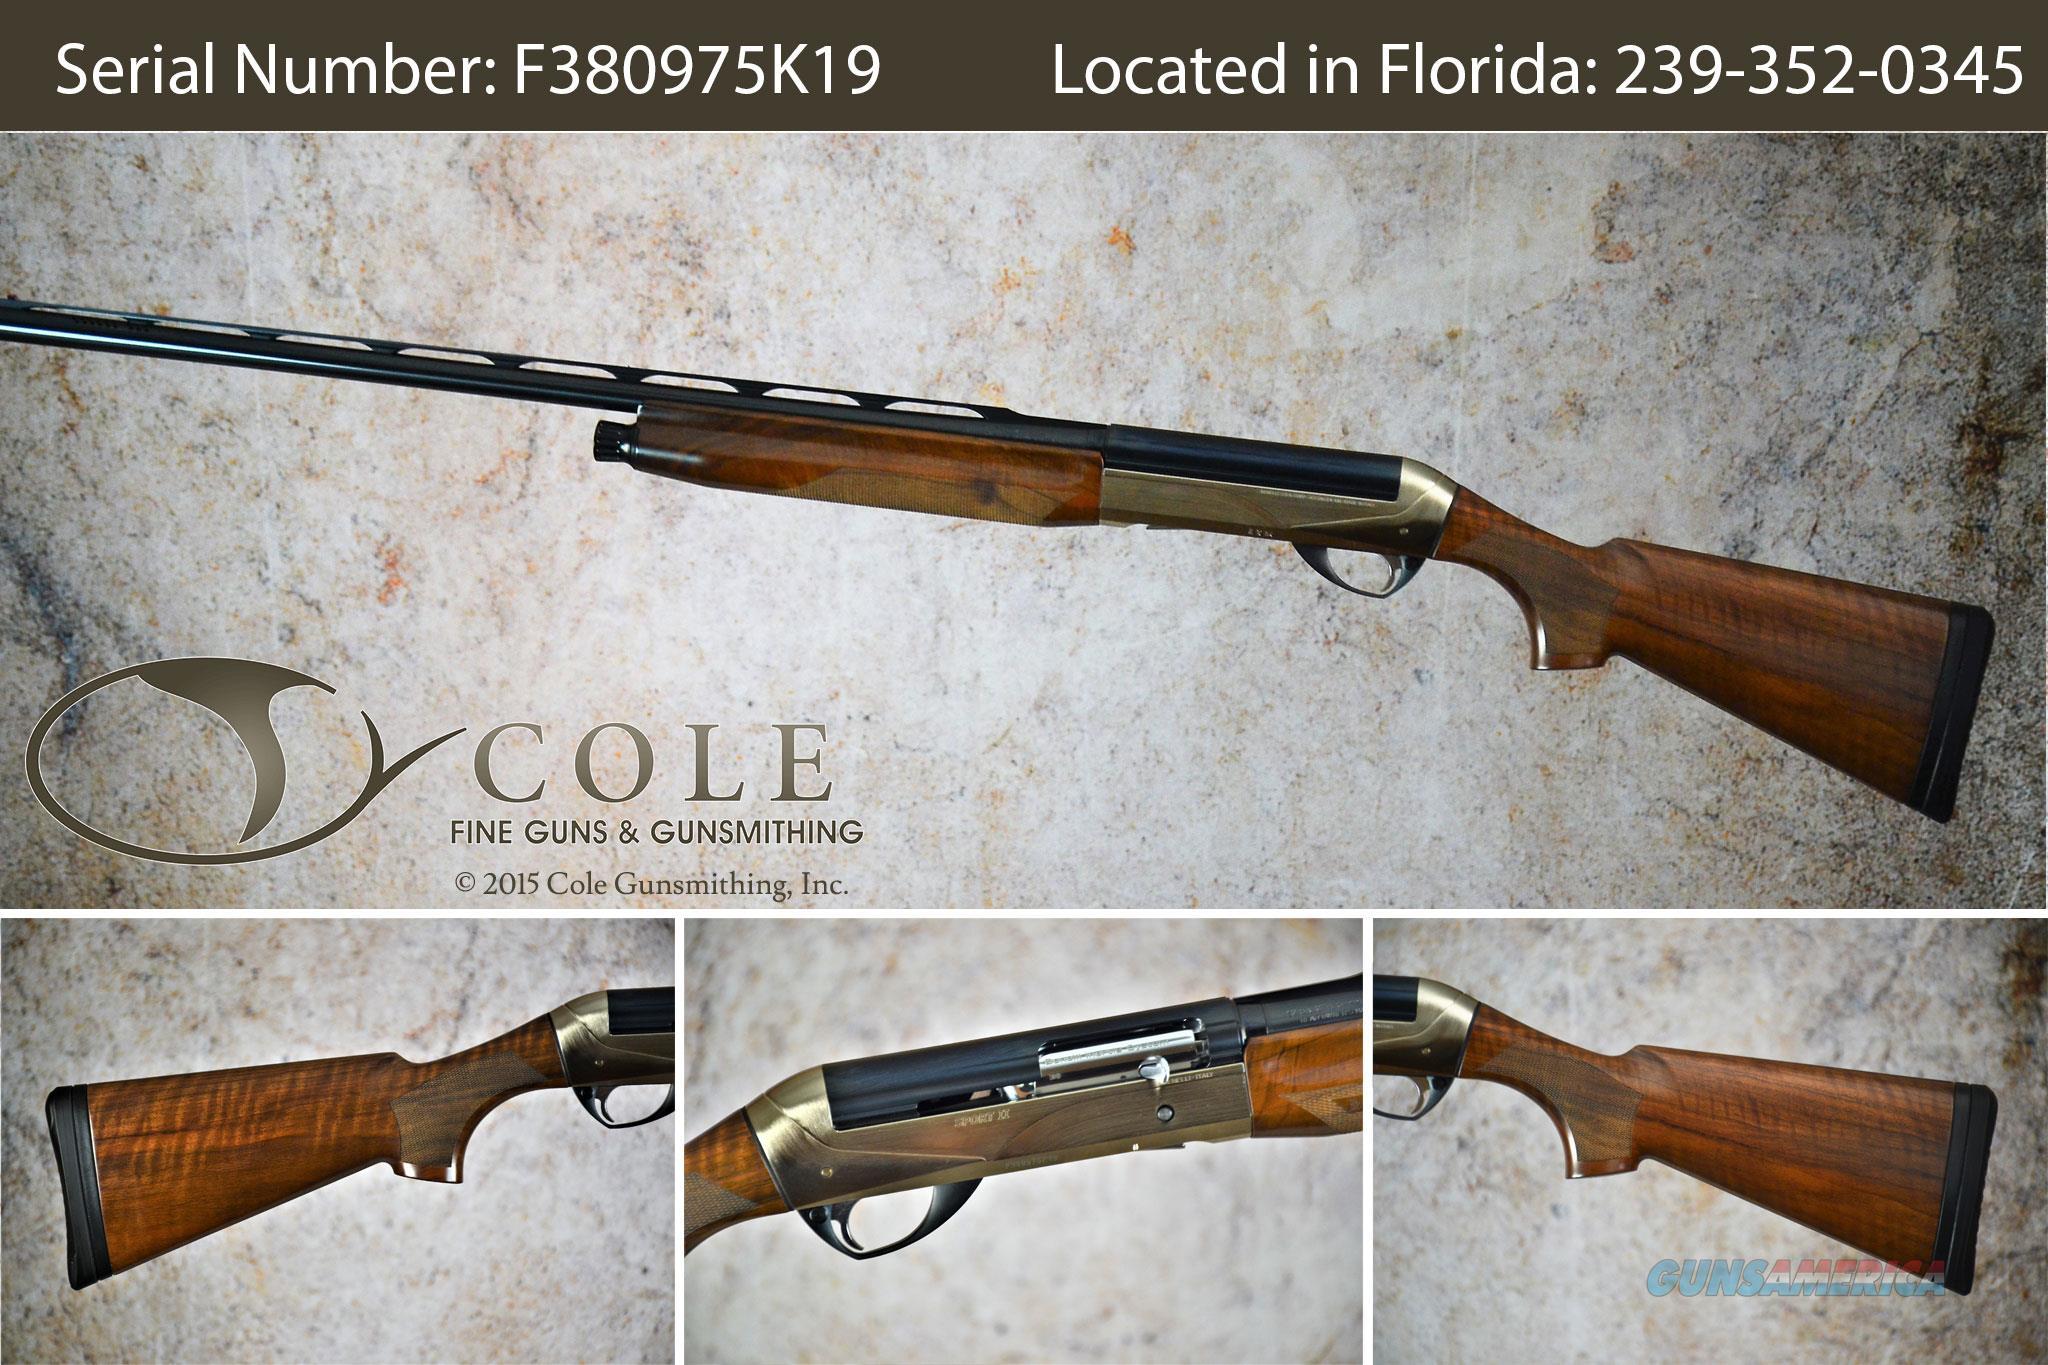 """Benelli Sport II 12g 30"""" SN:#F380975K19  Guns > Shotguns > Benelli Shotguns > Sporting"""